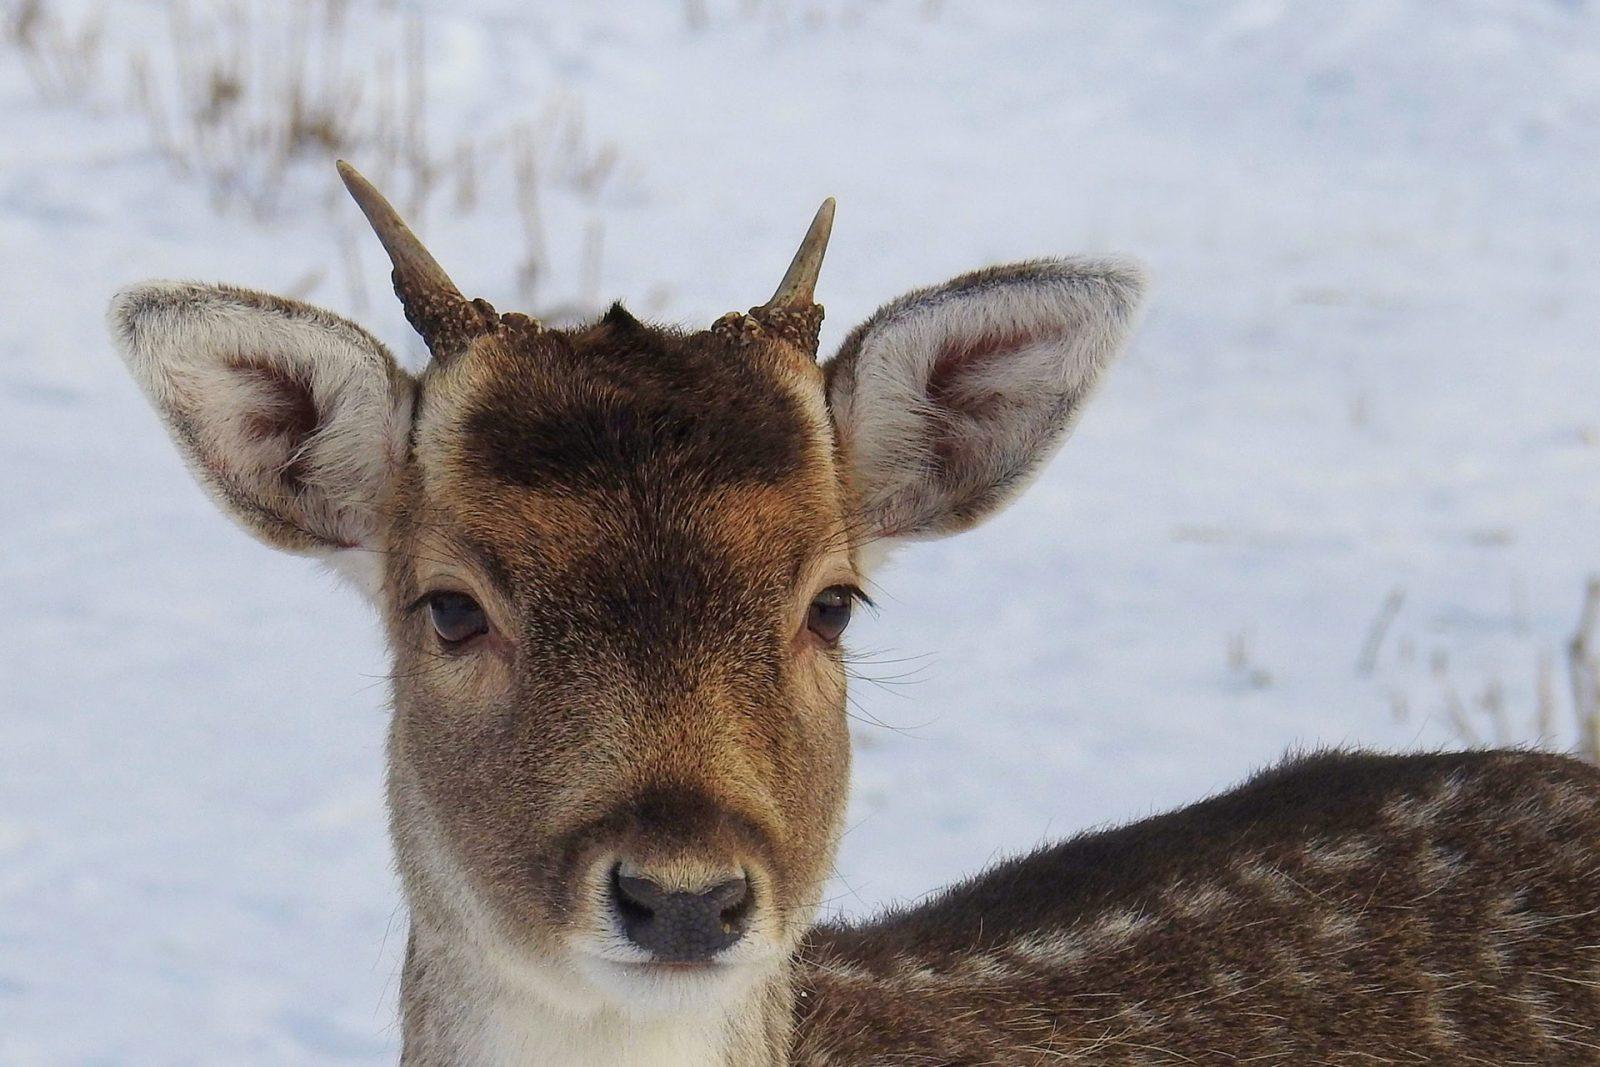 A rena tem a sua sobreviência ameaçada pela falta de alimento em condições climáticas drásticas.